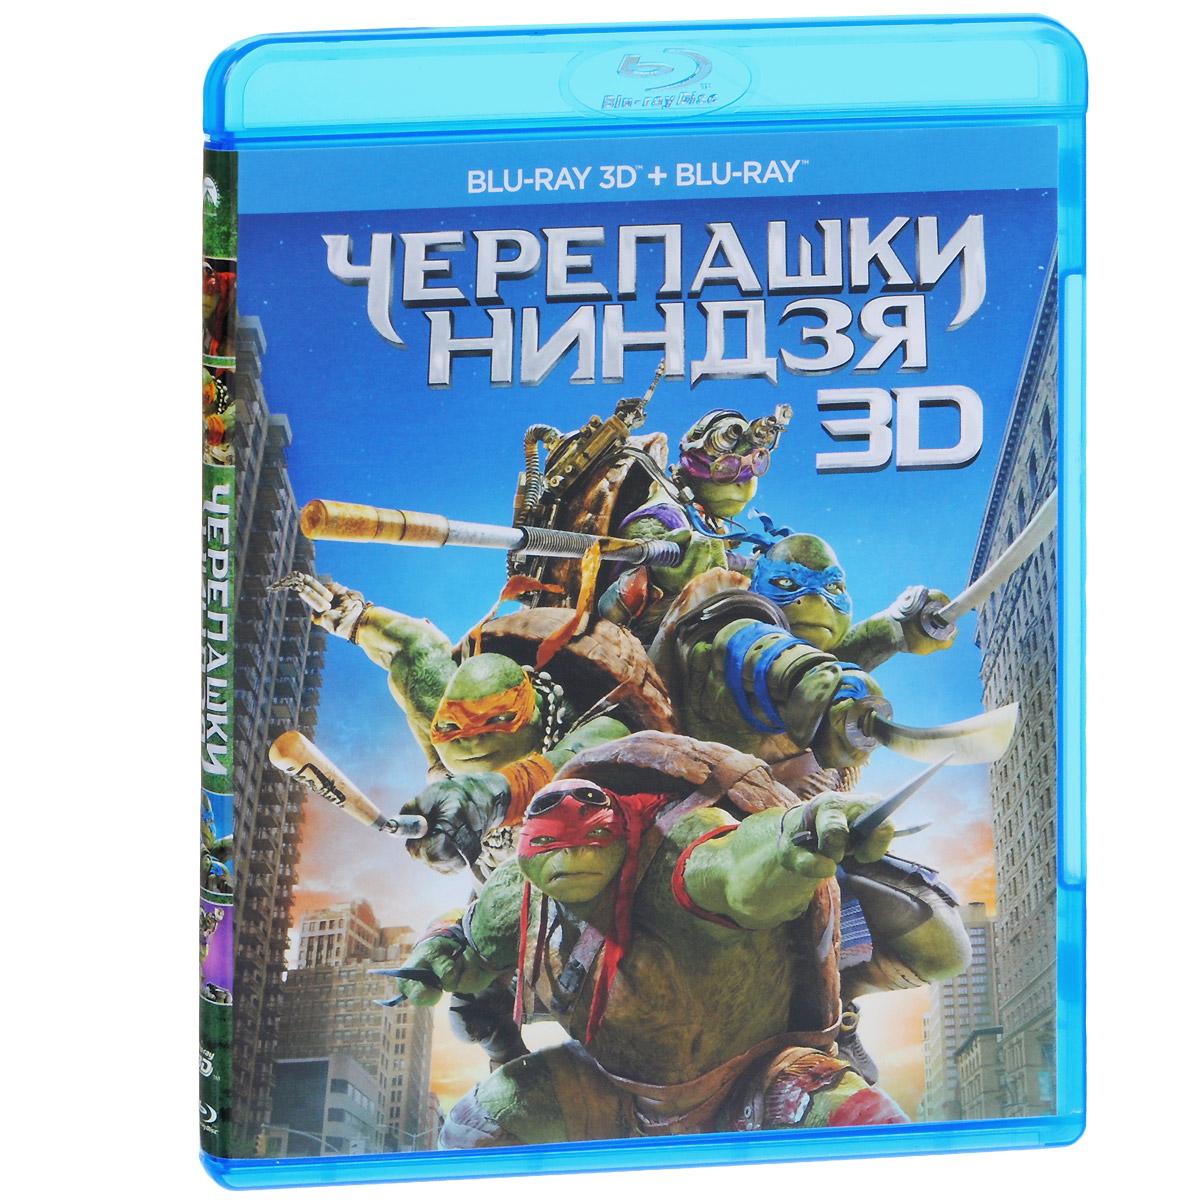 Черепашки-ниндзя 3D + 2D (2 Blu-ray) трансформеры последний рыцарь blu ray 3d blu ray